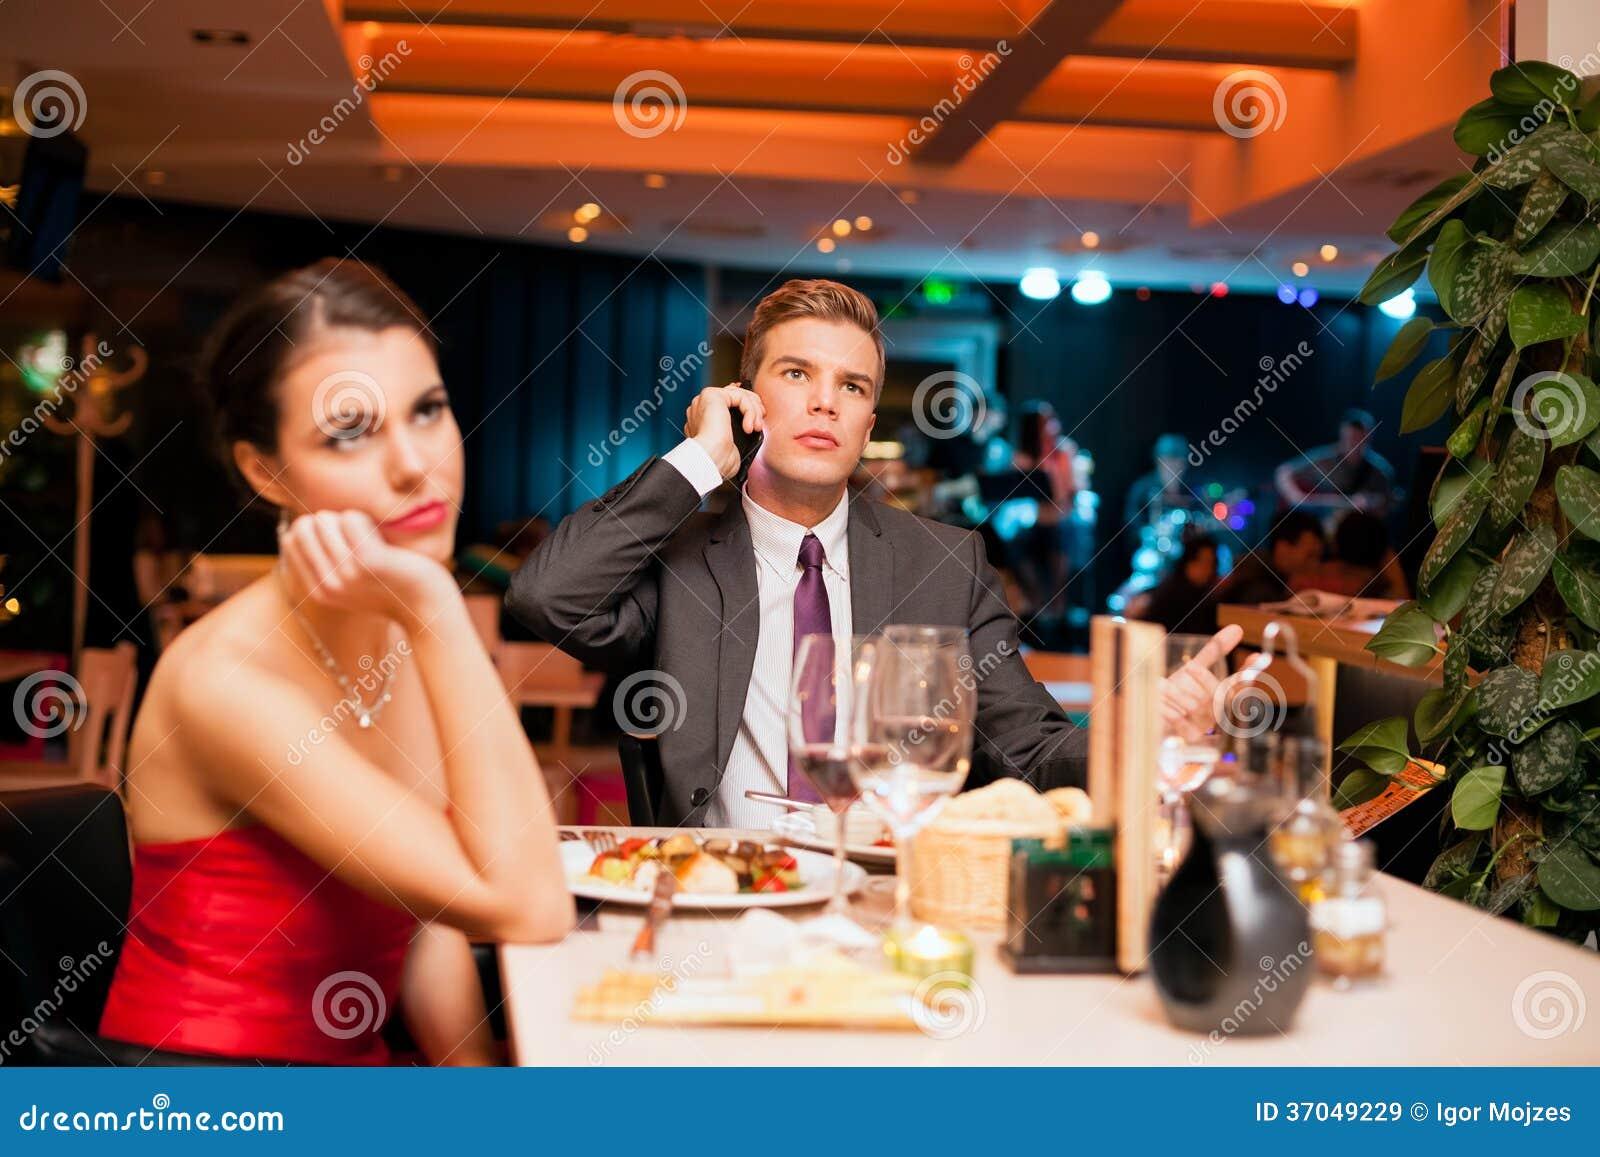 Vermeidung von Dating-Spielen